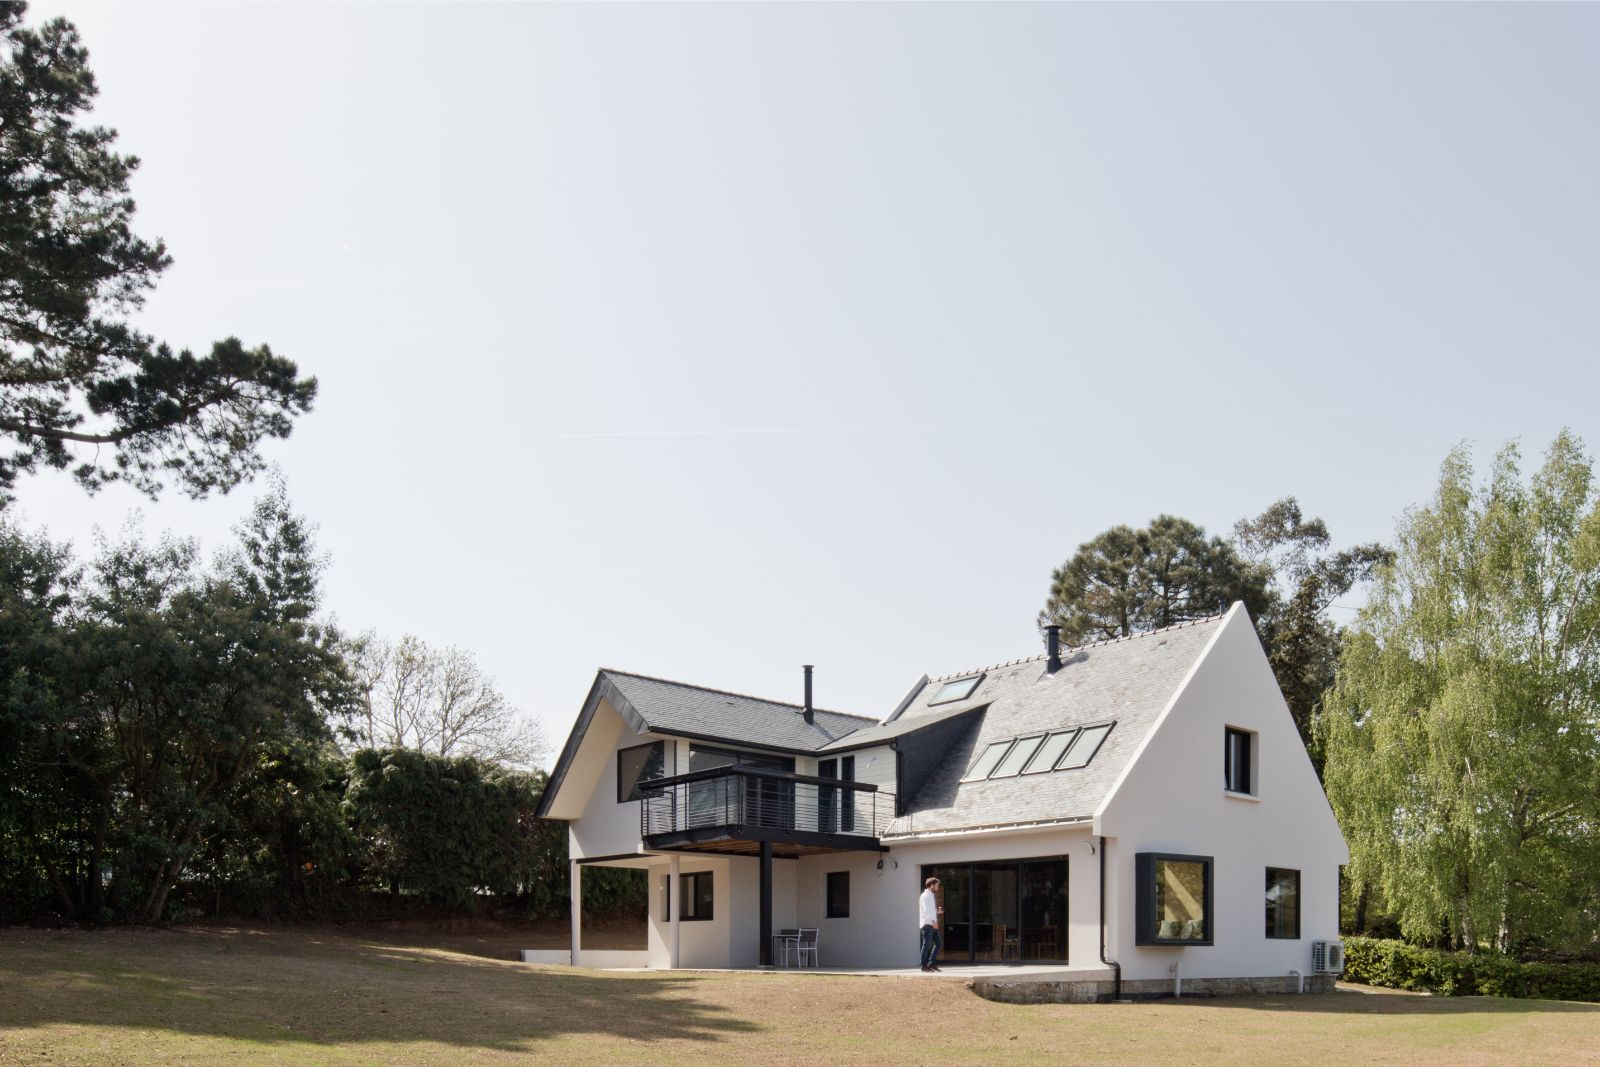 Belle rénovation d'un pavillon de lotissement en une résidence contemporaine avec vue sur mer